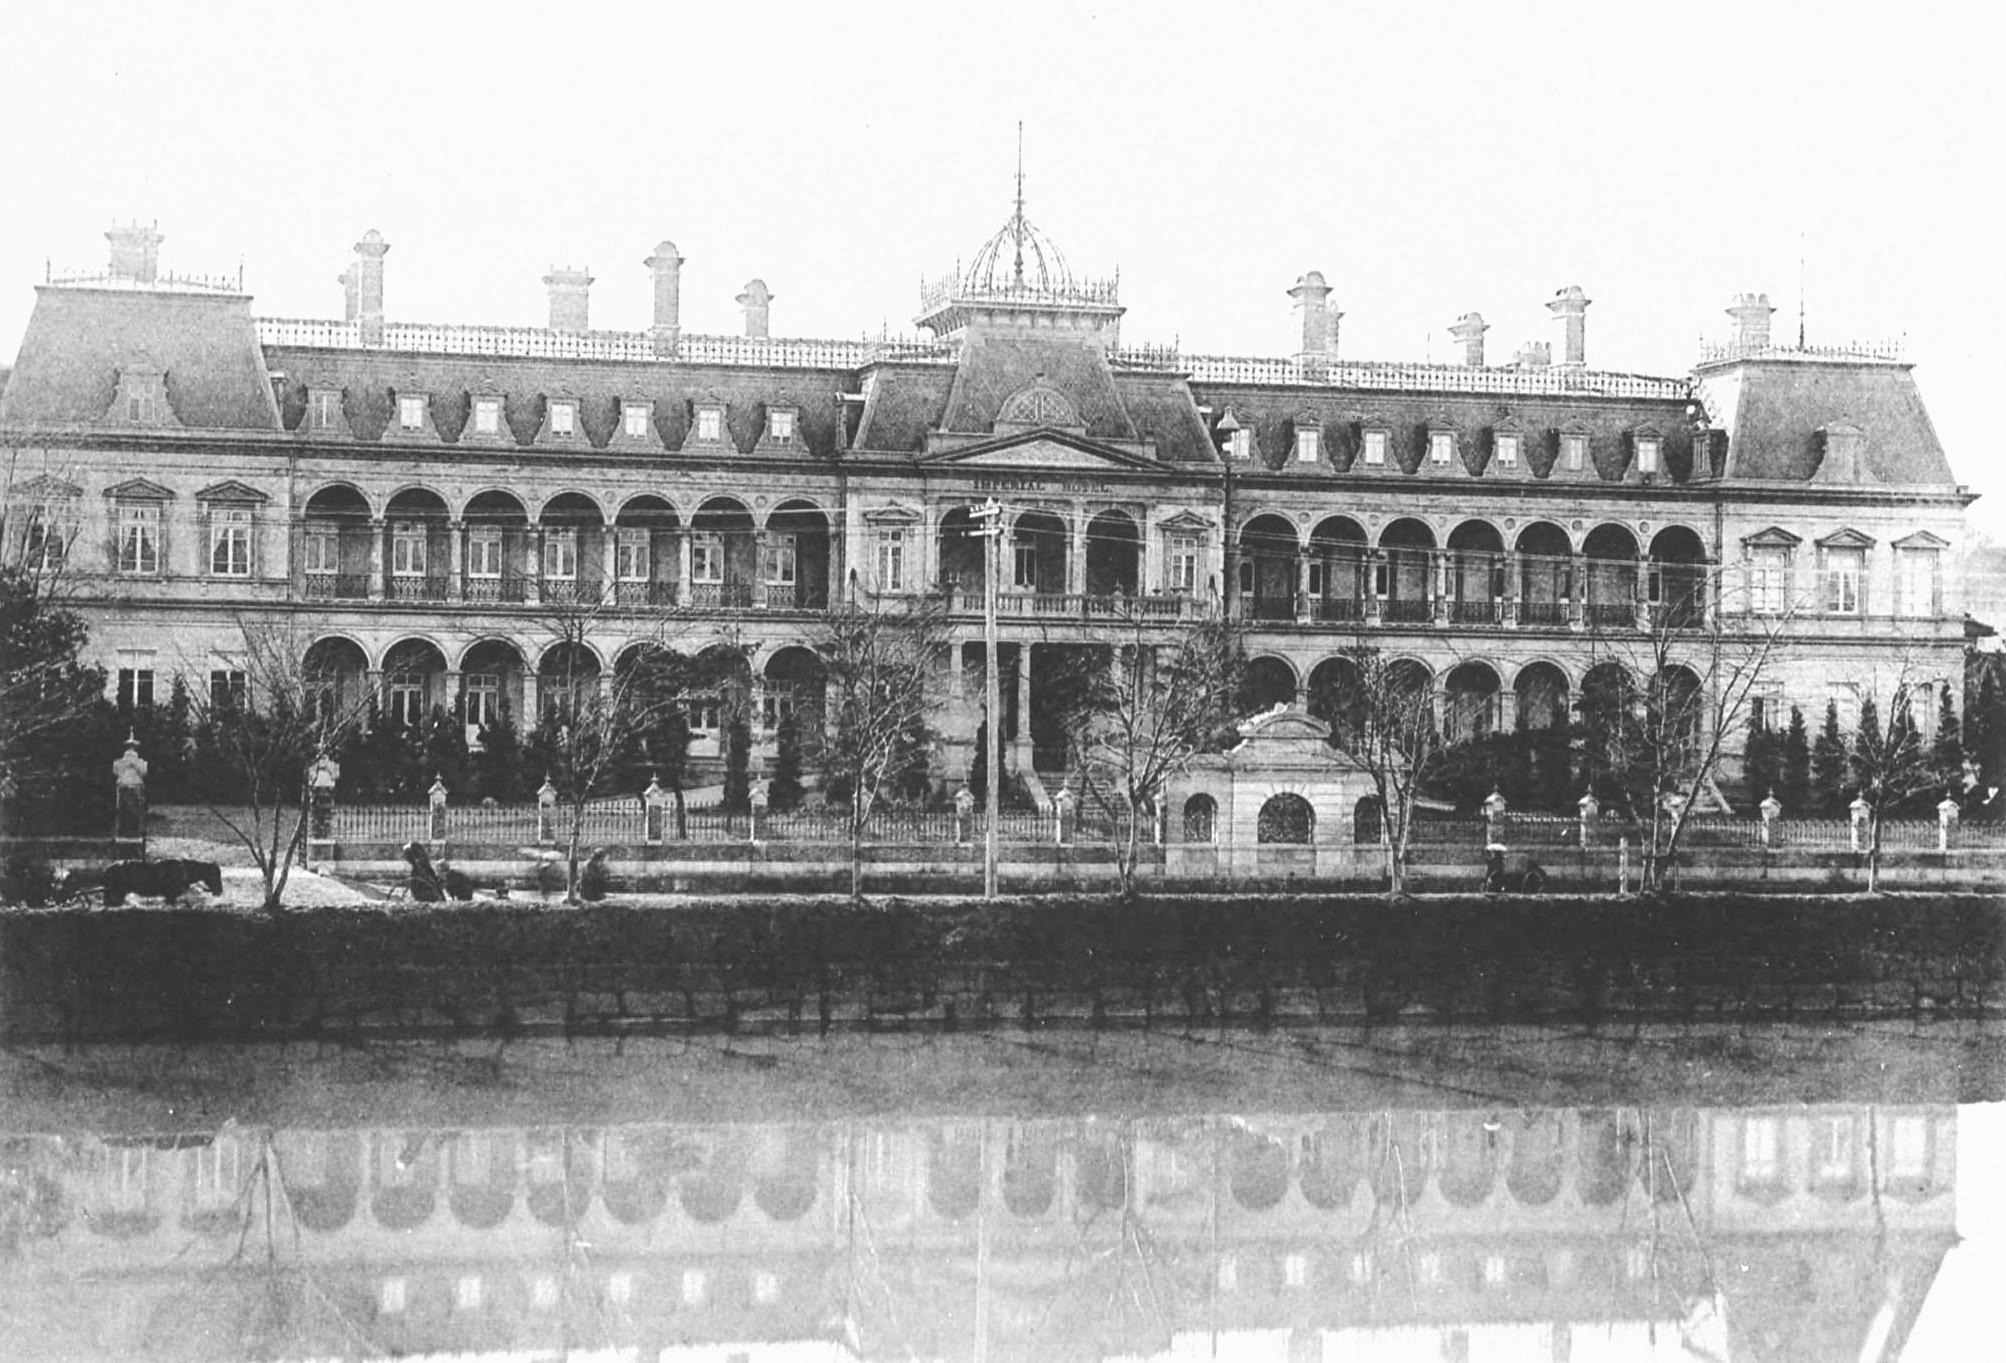 渋沢栄一が大倉喜八郎らとともに手がけた帝国ホテル。(写真:国立国会図書館)